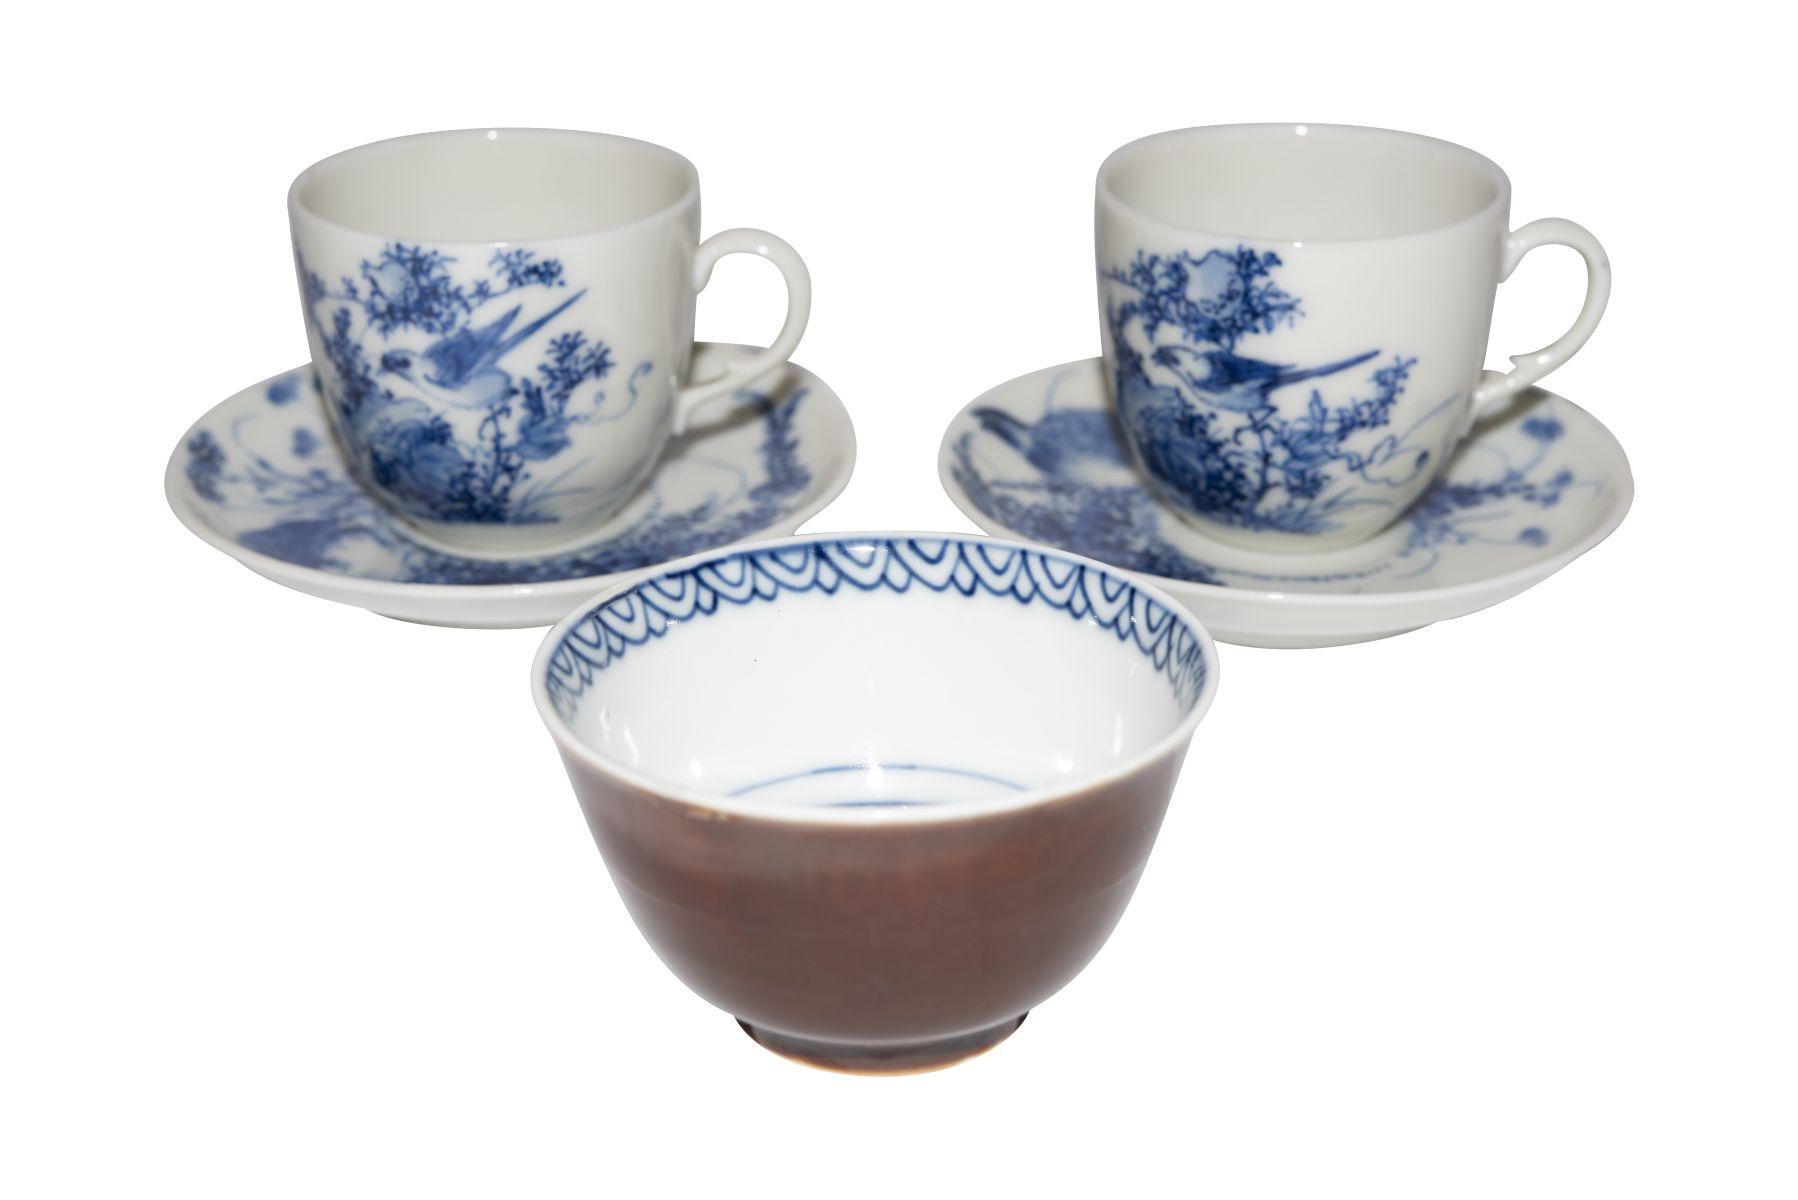 #74 Two Hirado cups with saucers and a rare Meissen cup | Hirado Tassen und seltene Meissen Tasse 19th Image